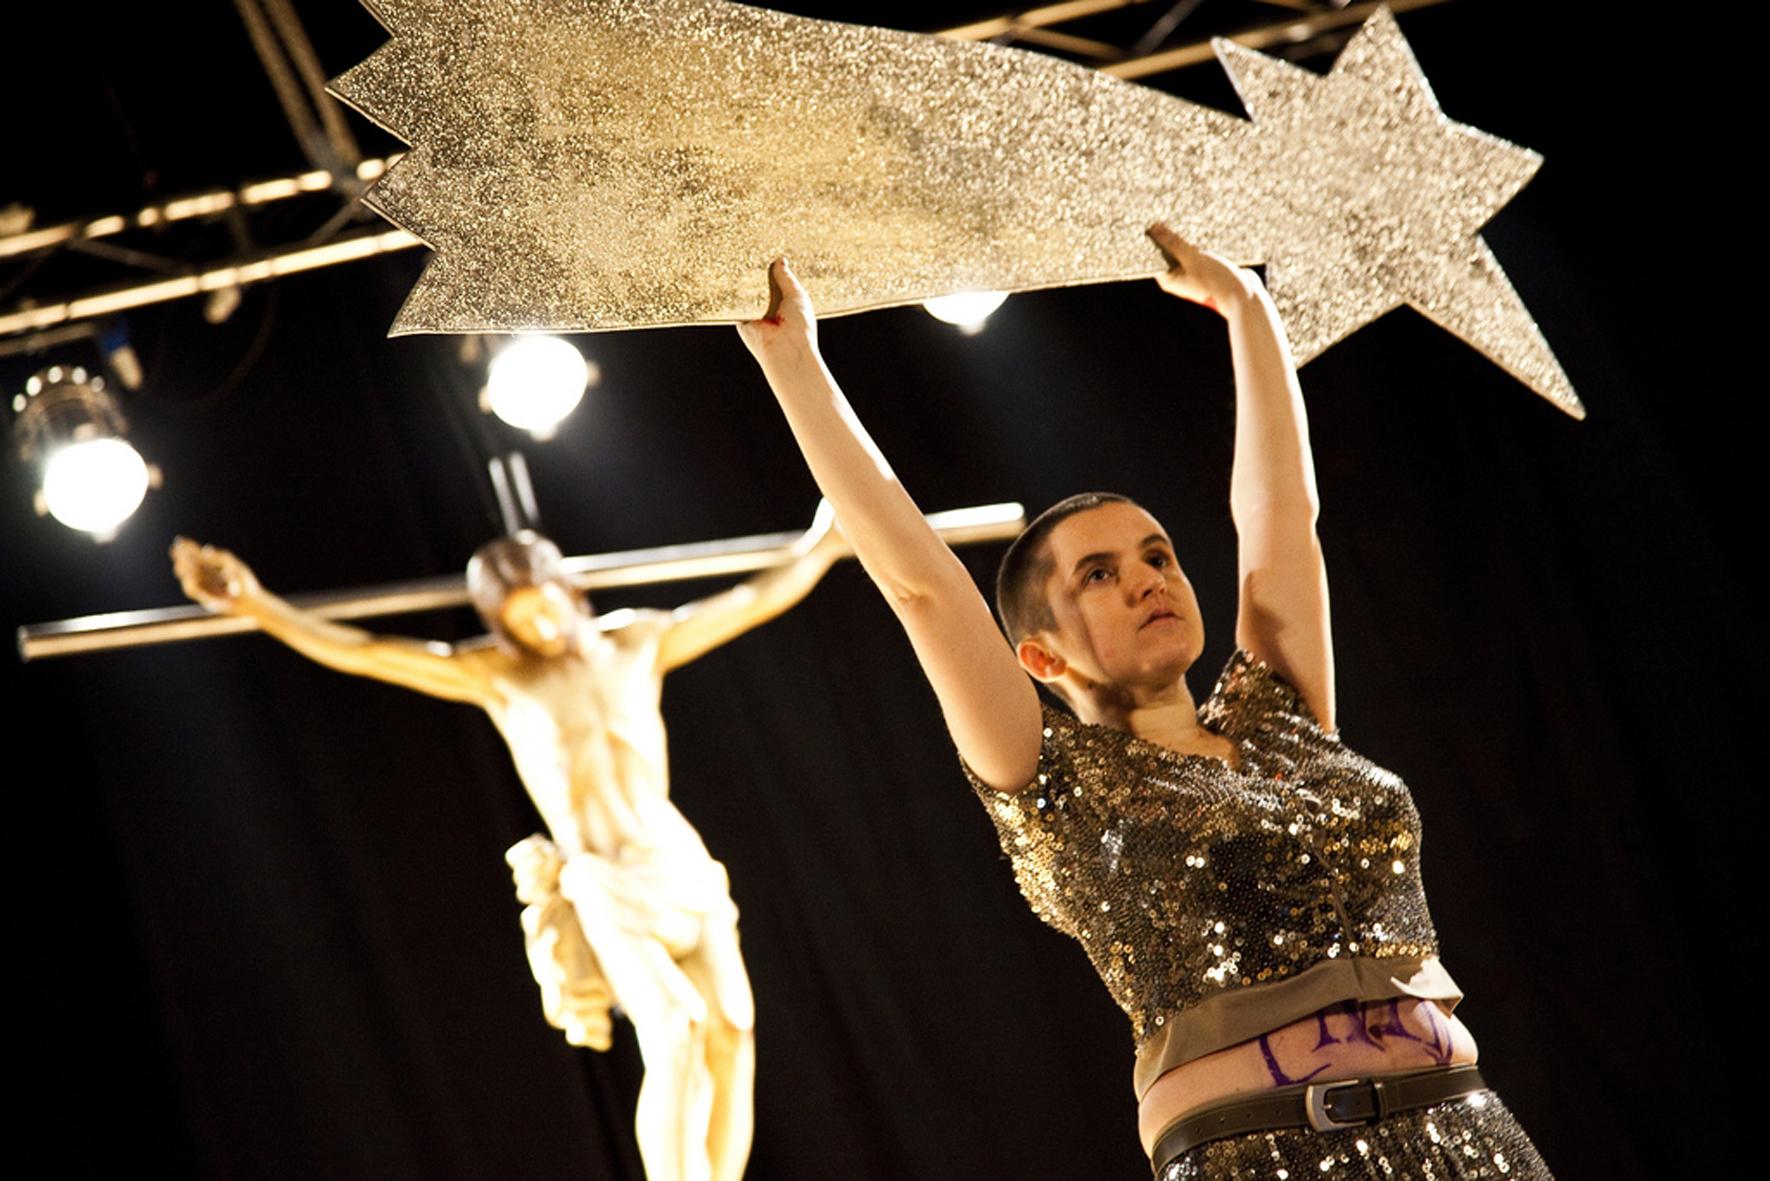 Il disagio dell'uomo a B.Motion. Nerval Teatro e Babilonia Teatri